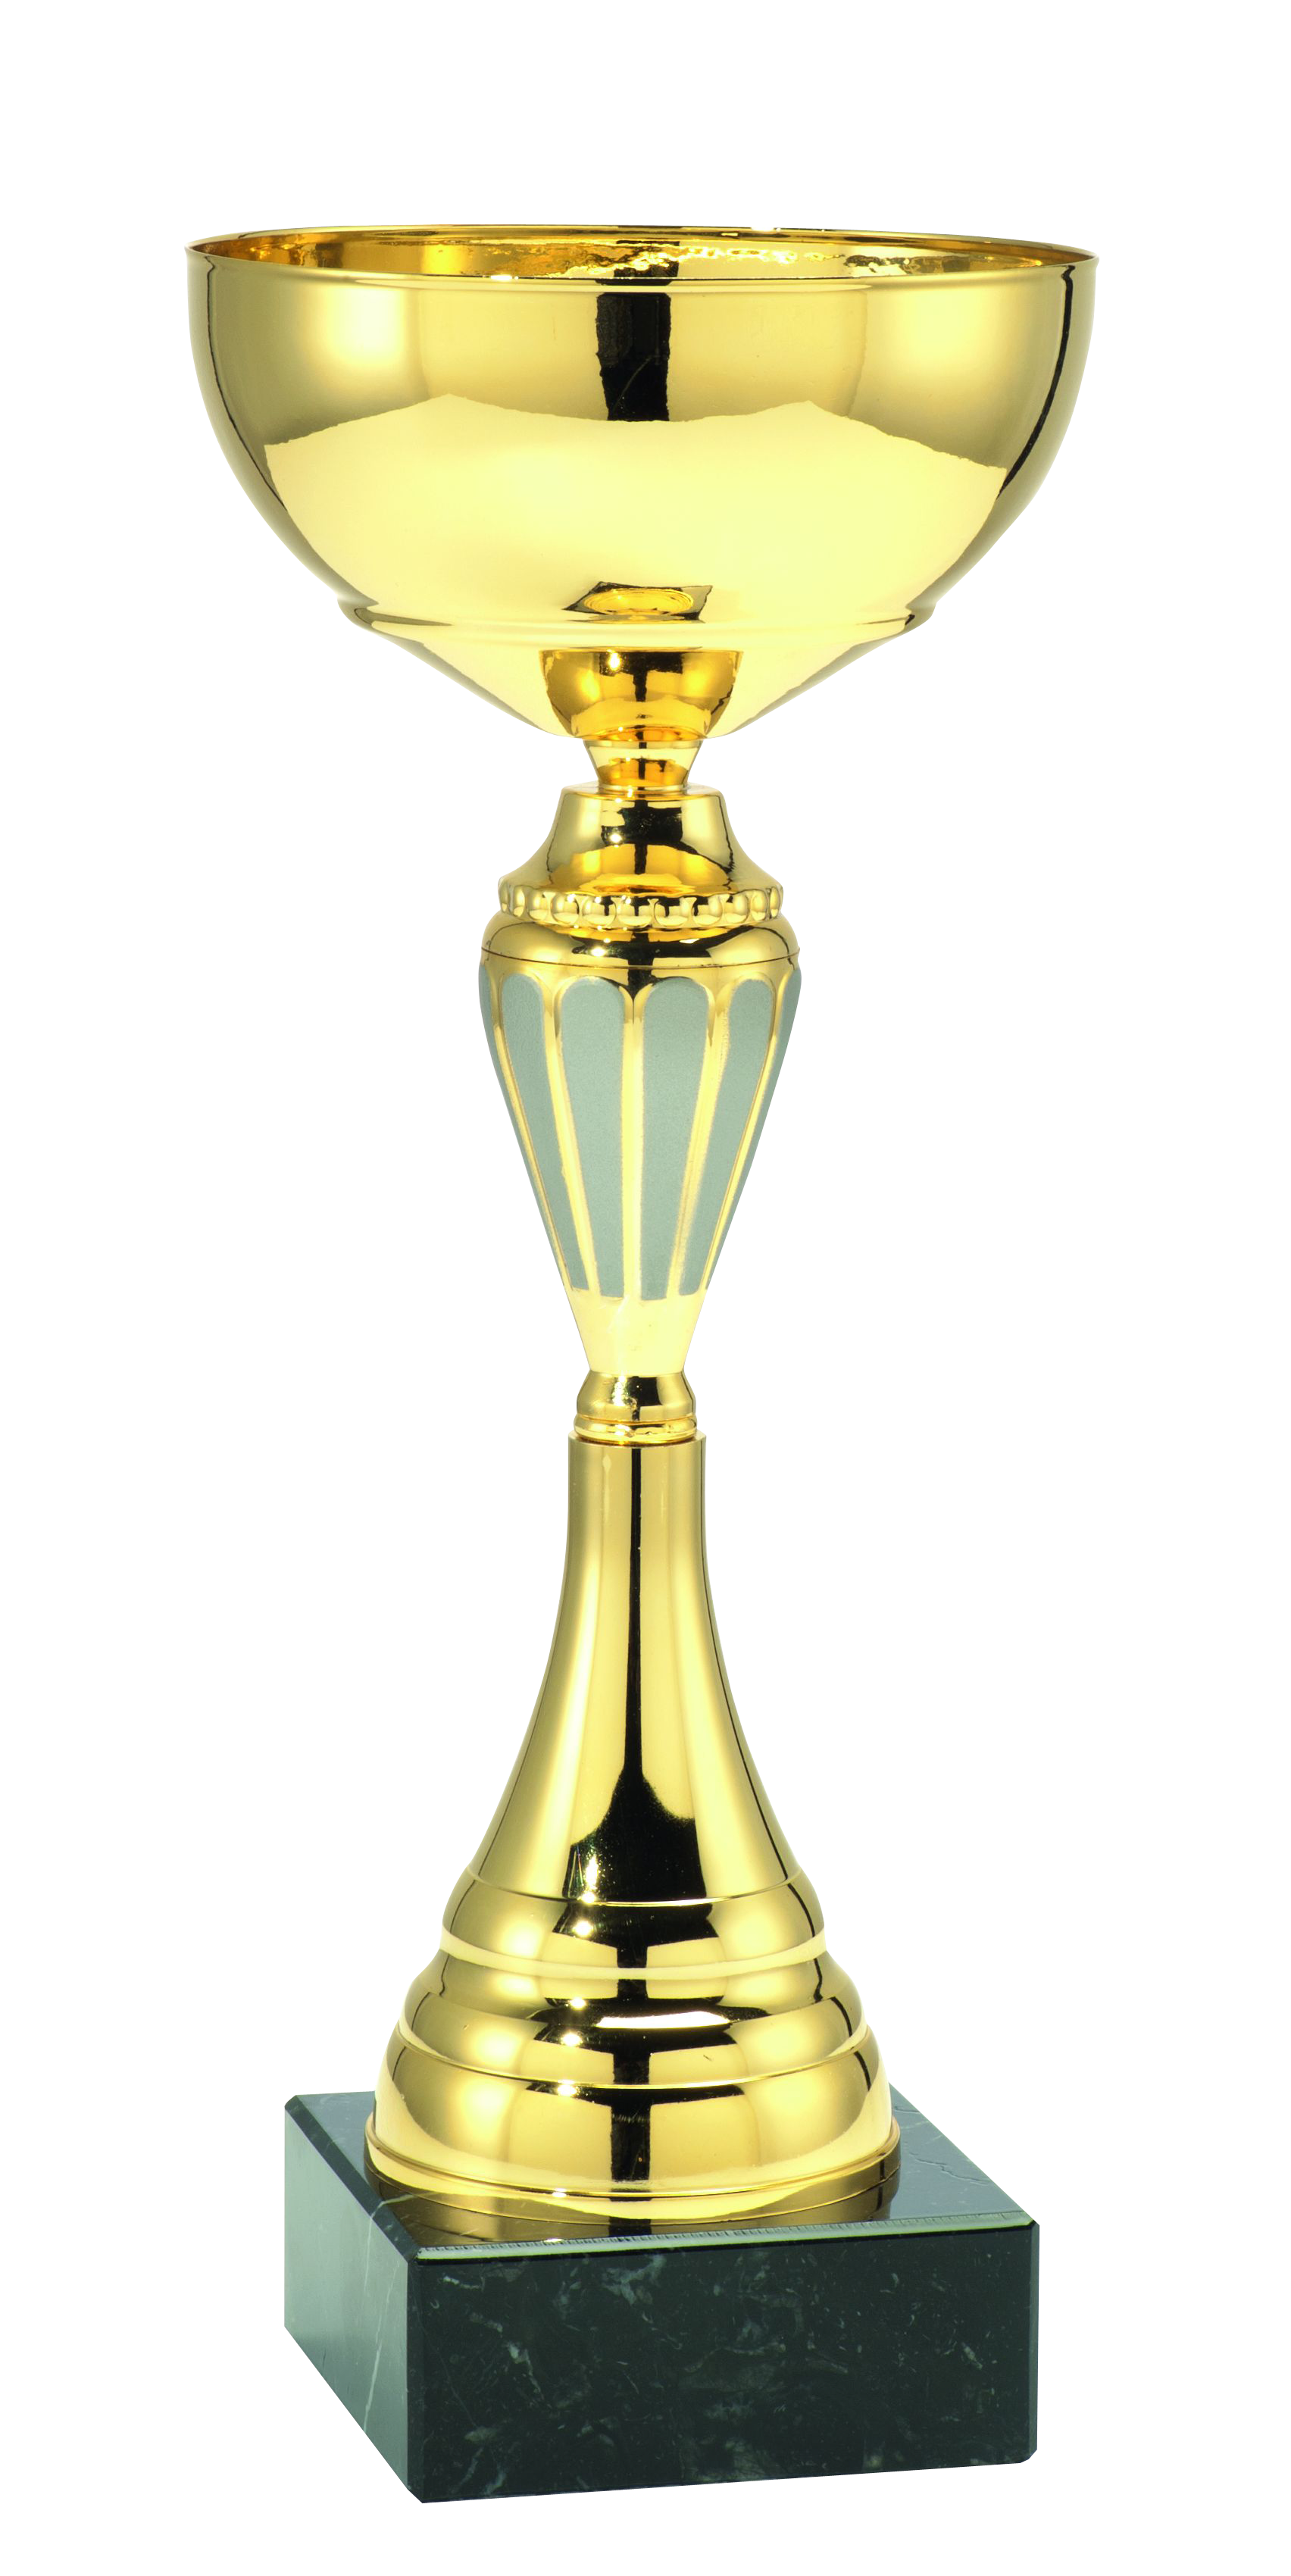 Pokal KLARA Gold 11er Pokalserie Serienpokale POKALE